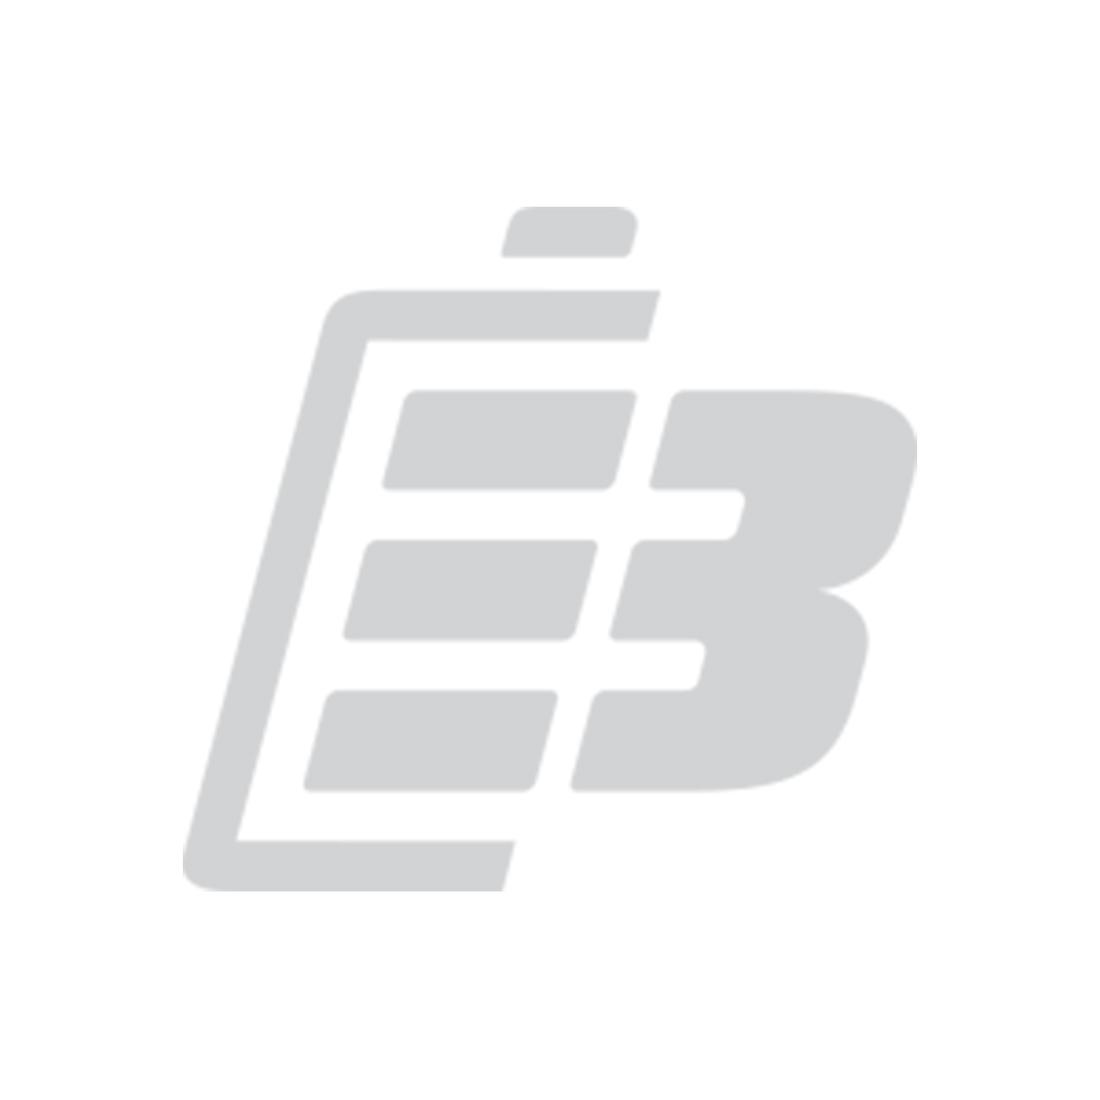 Μπαταρία smartphone Lenovo Vibe Z2_1